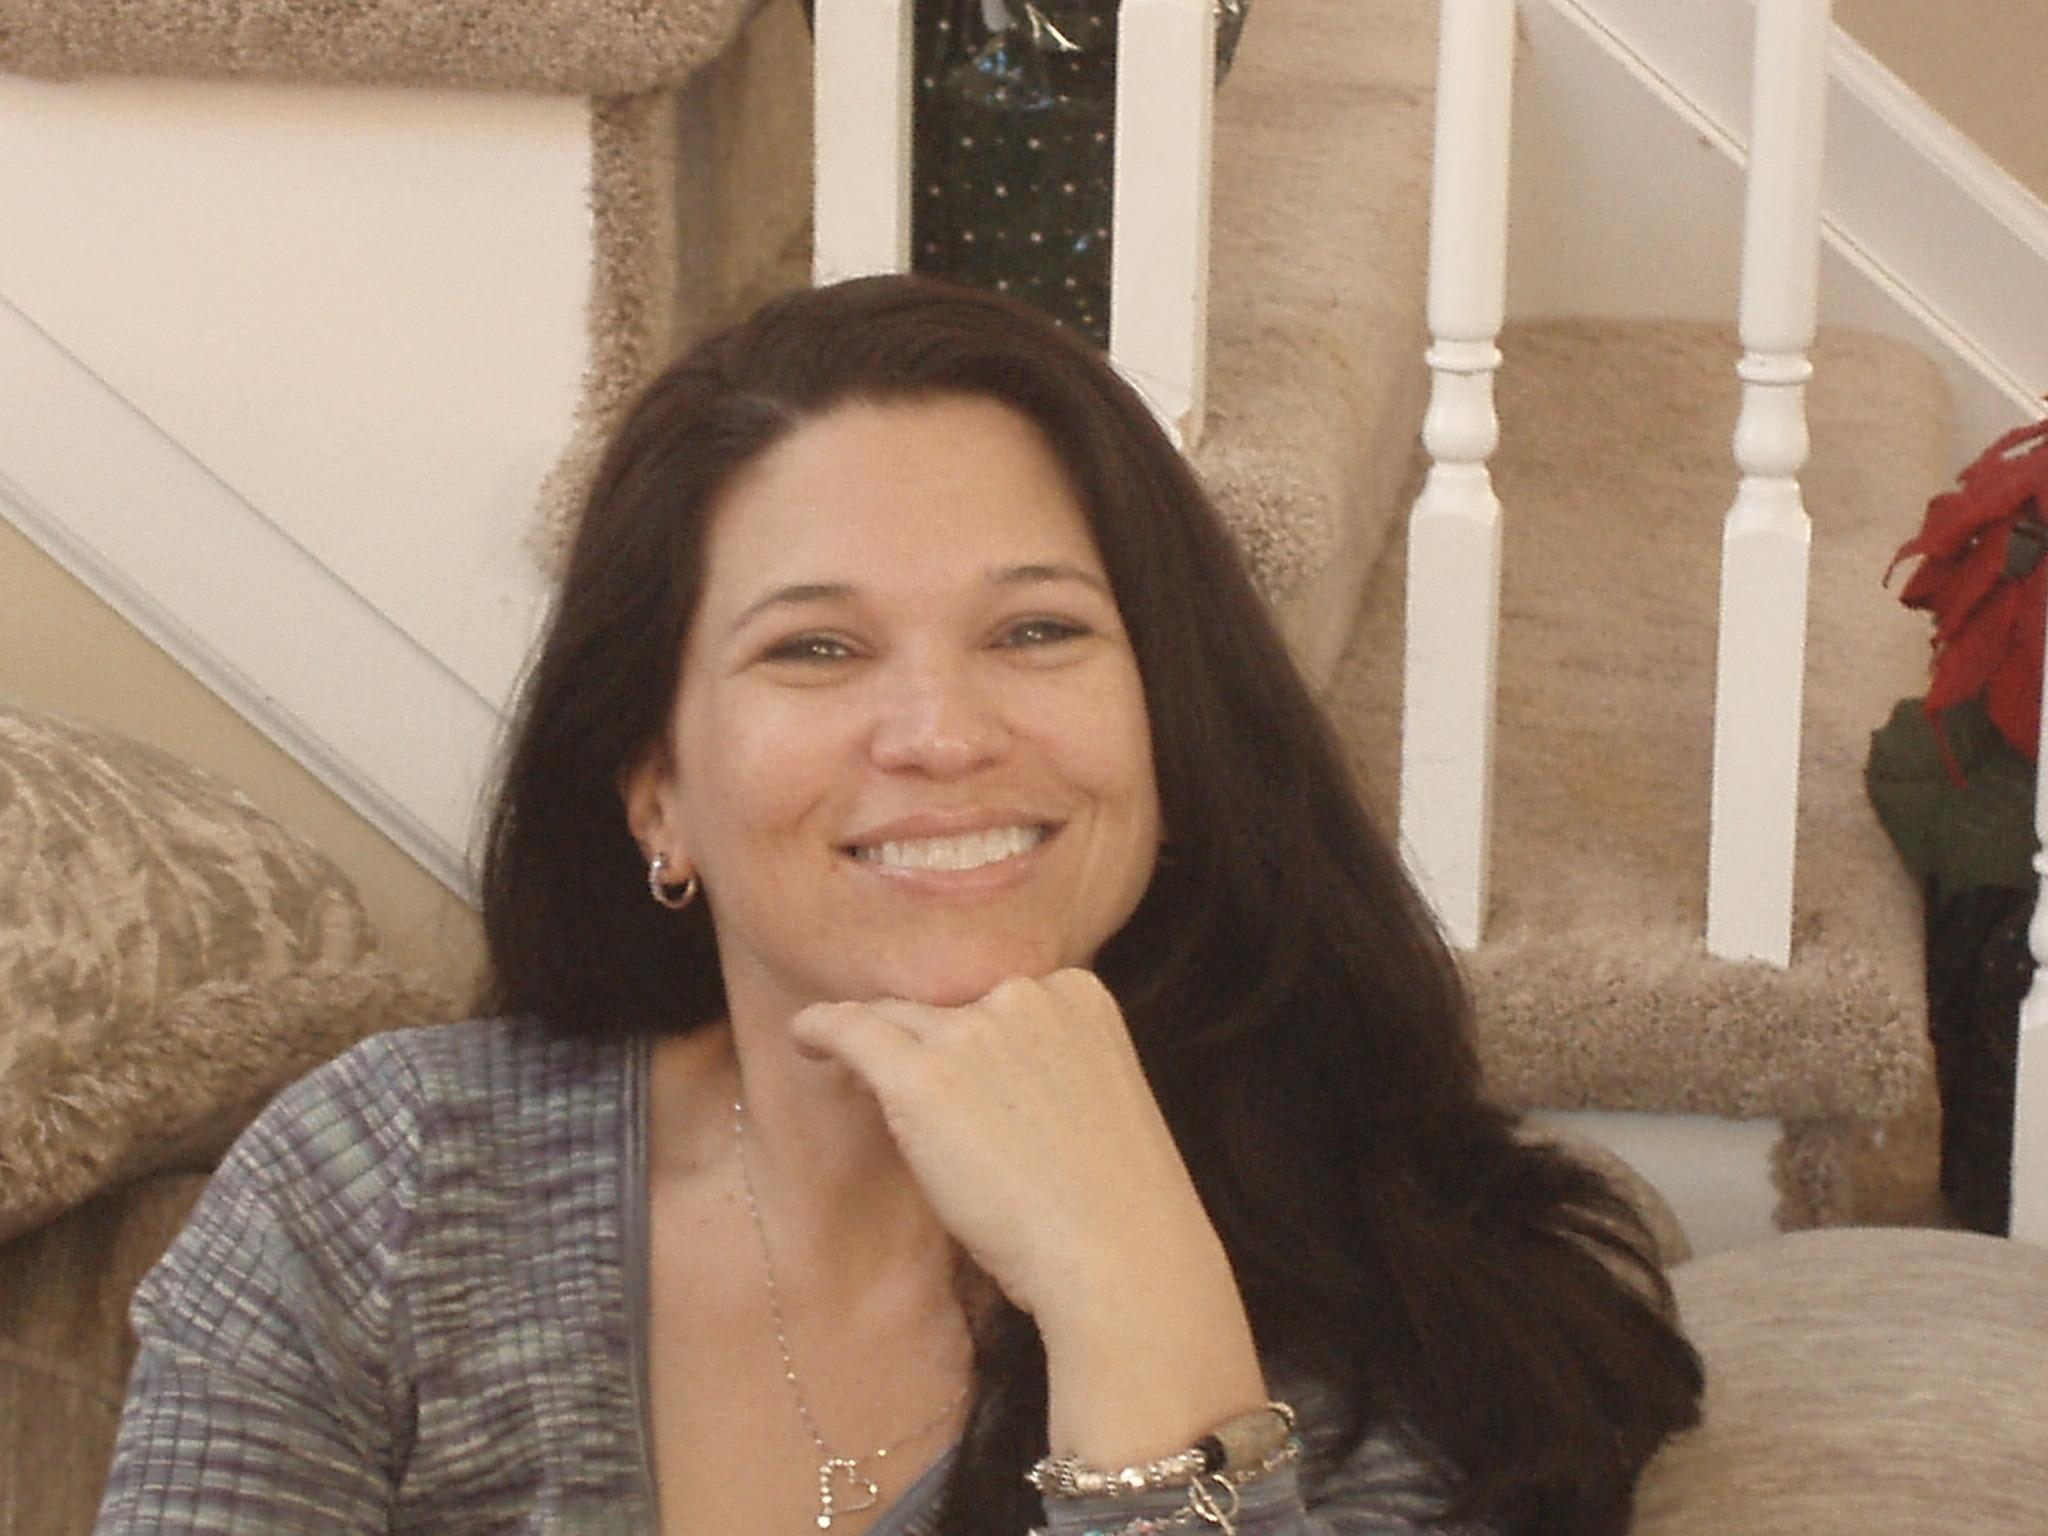 Lesley Jacobs-Keeler